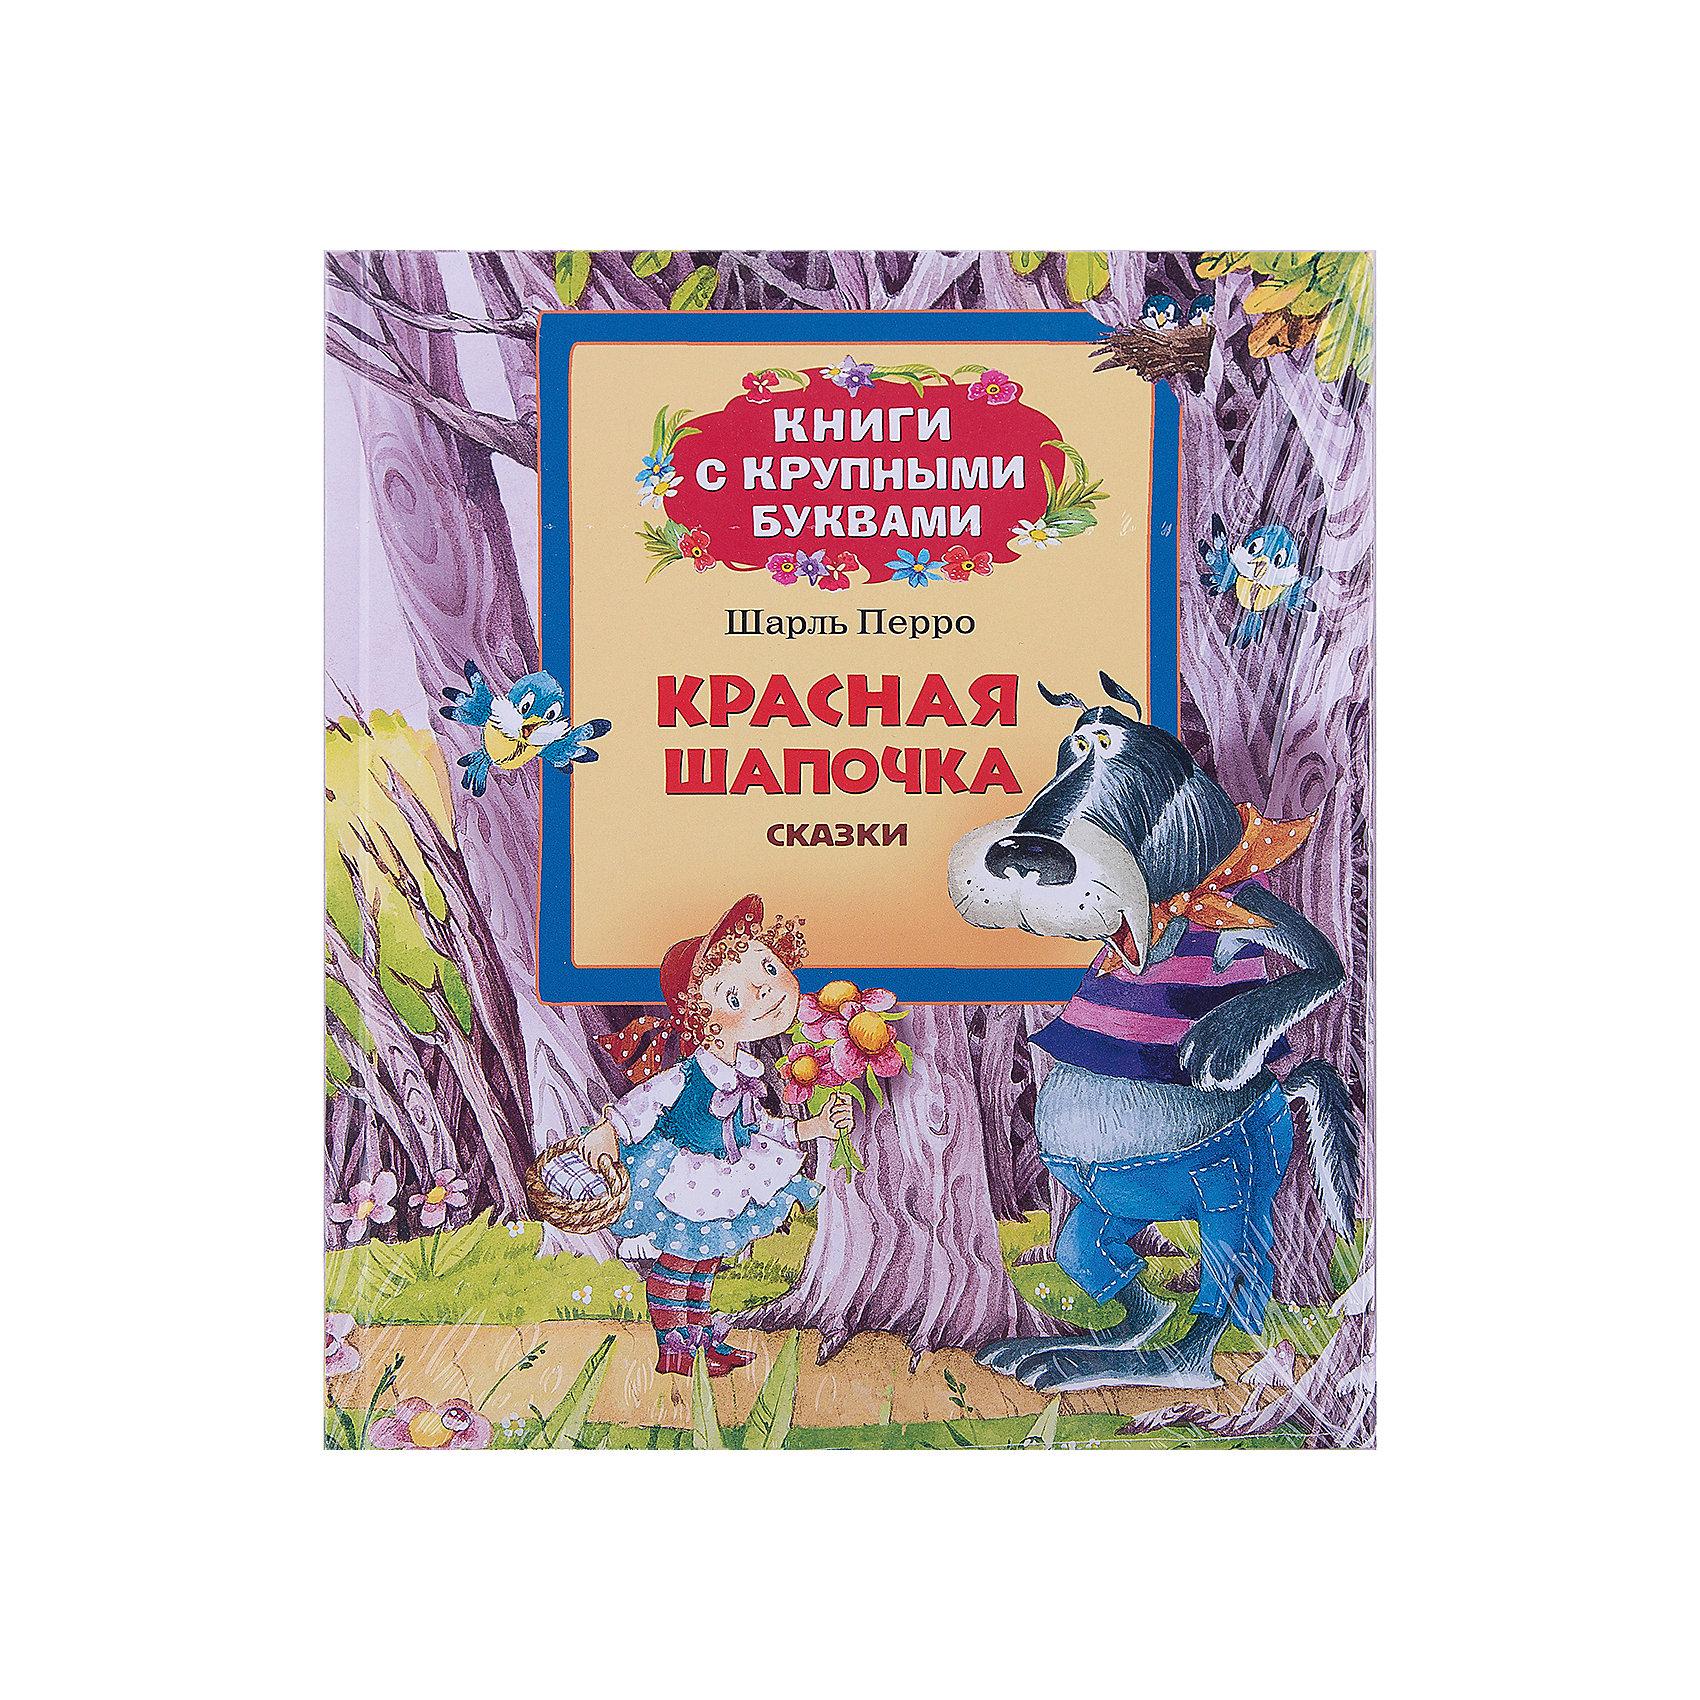 Росмэн Книга с крупными буквами Красная шапочка, Ш. Перро художественные книги росмэн сказка золушка перро ш